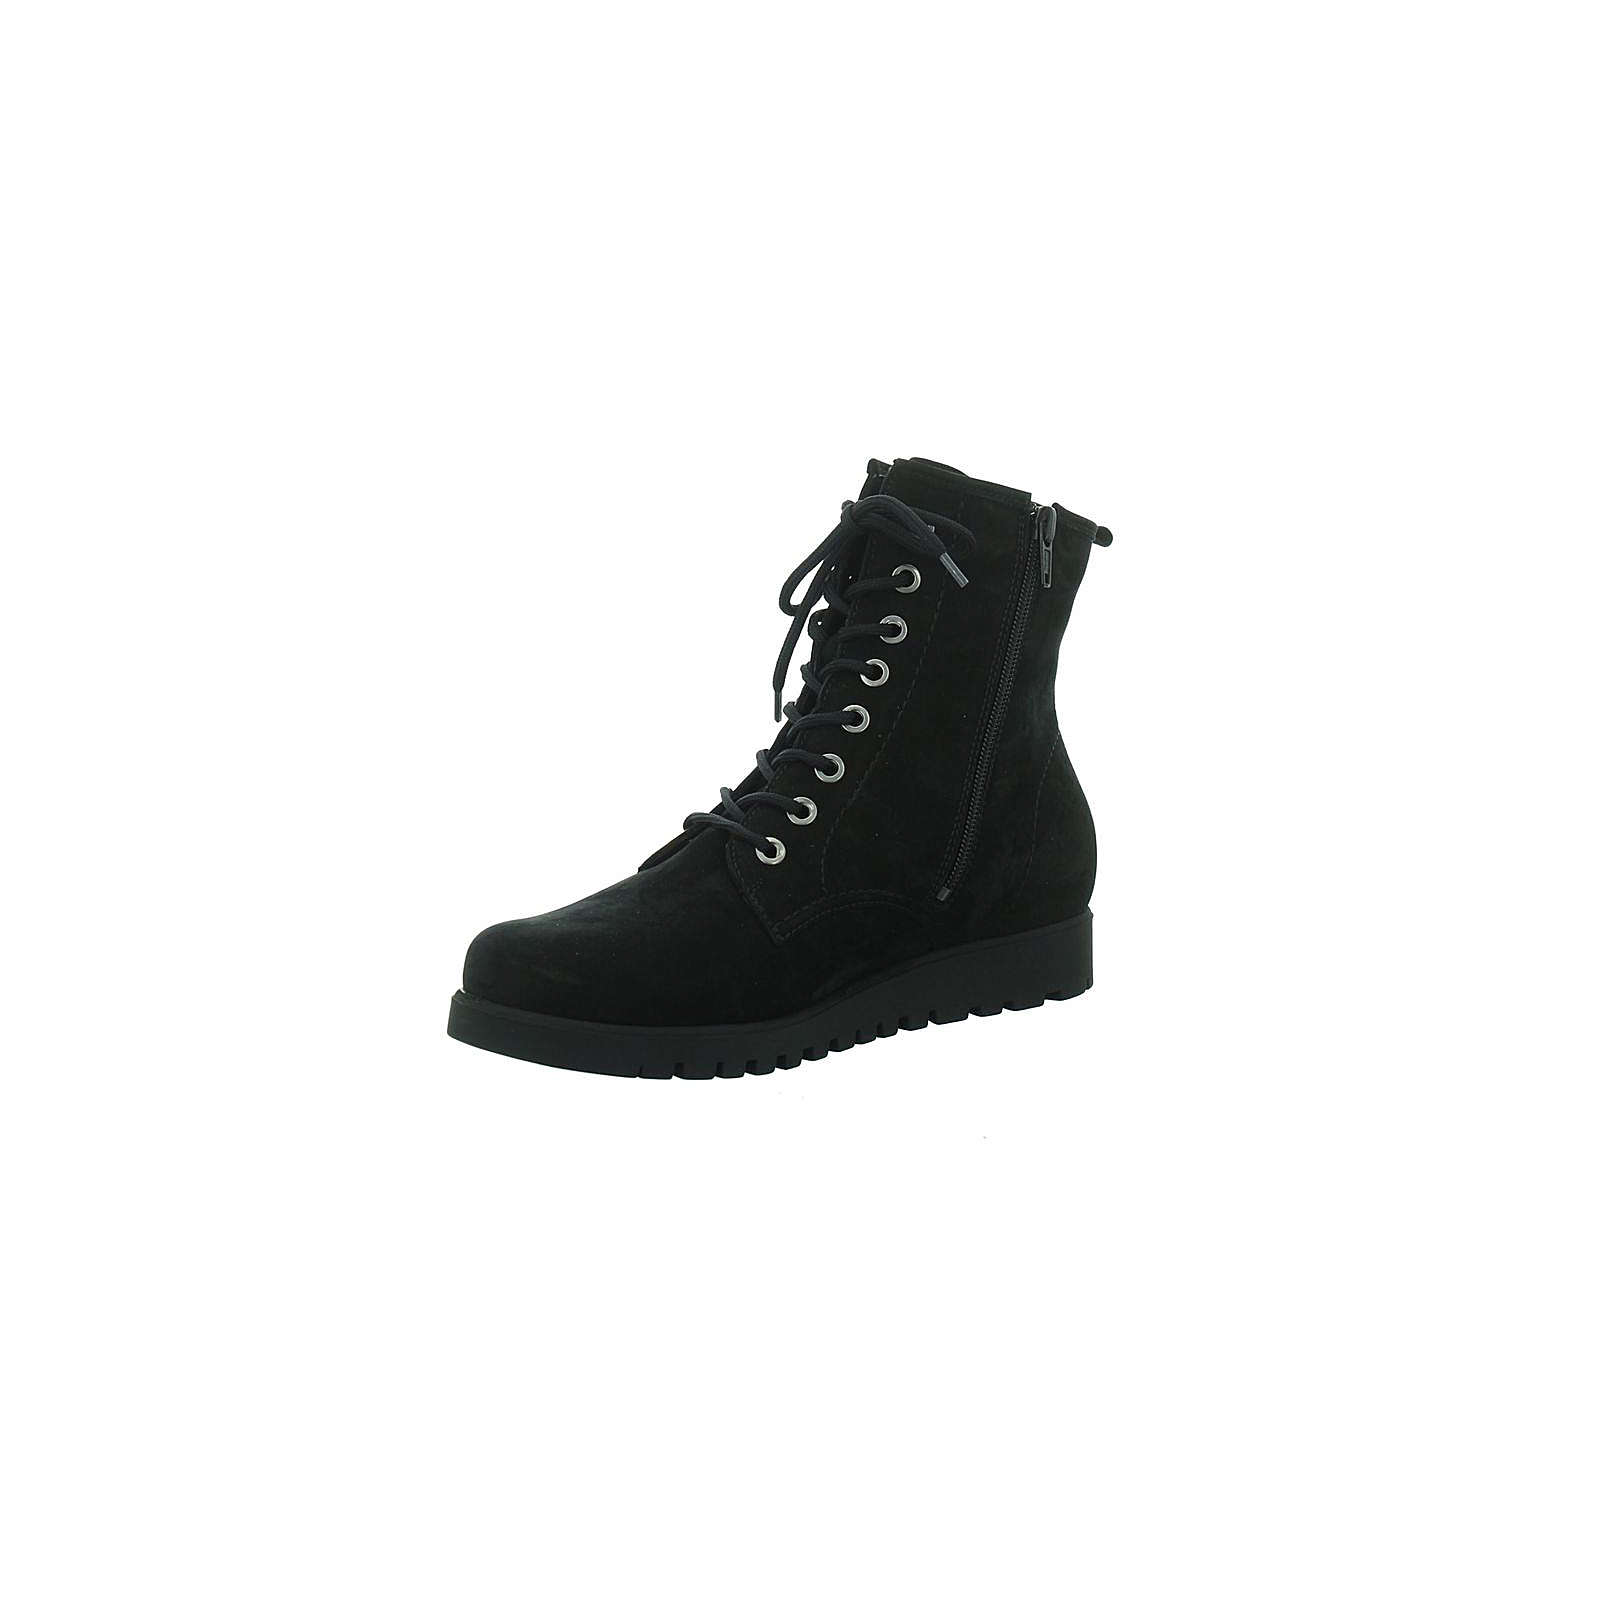 WALDLÄUFER Stiefel schwarz Klassische Stiefeletten schwarz Damen Gr. 37,5